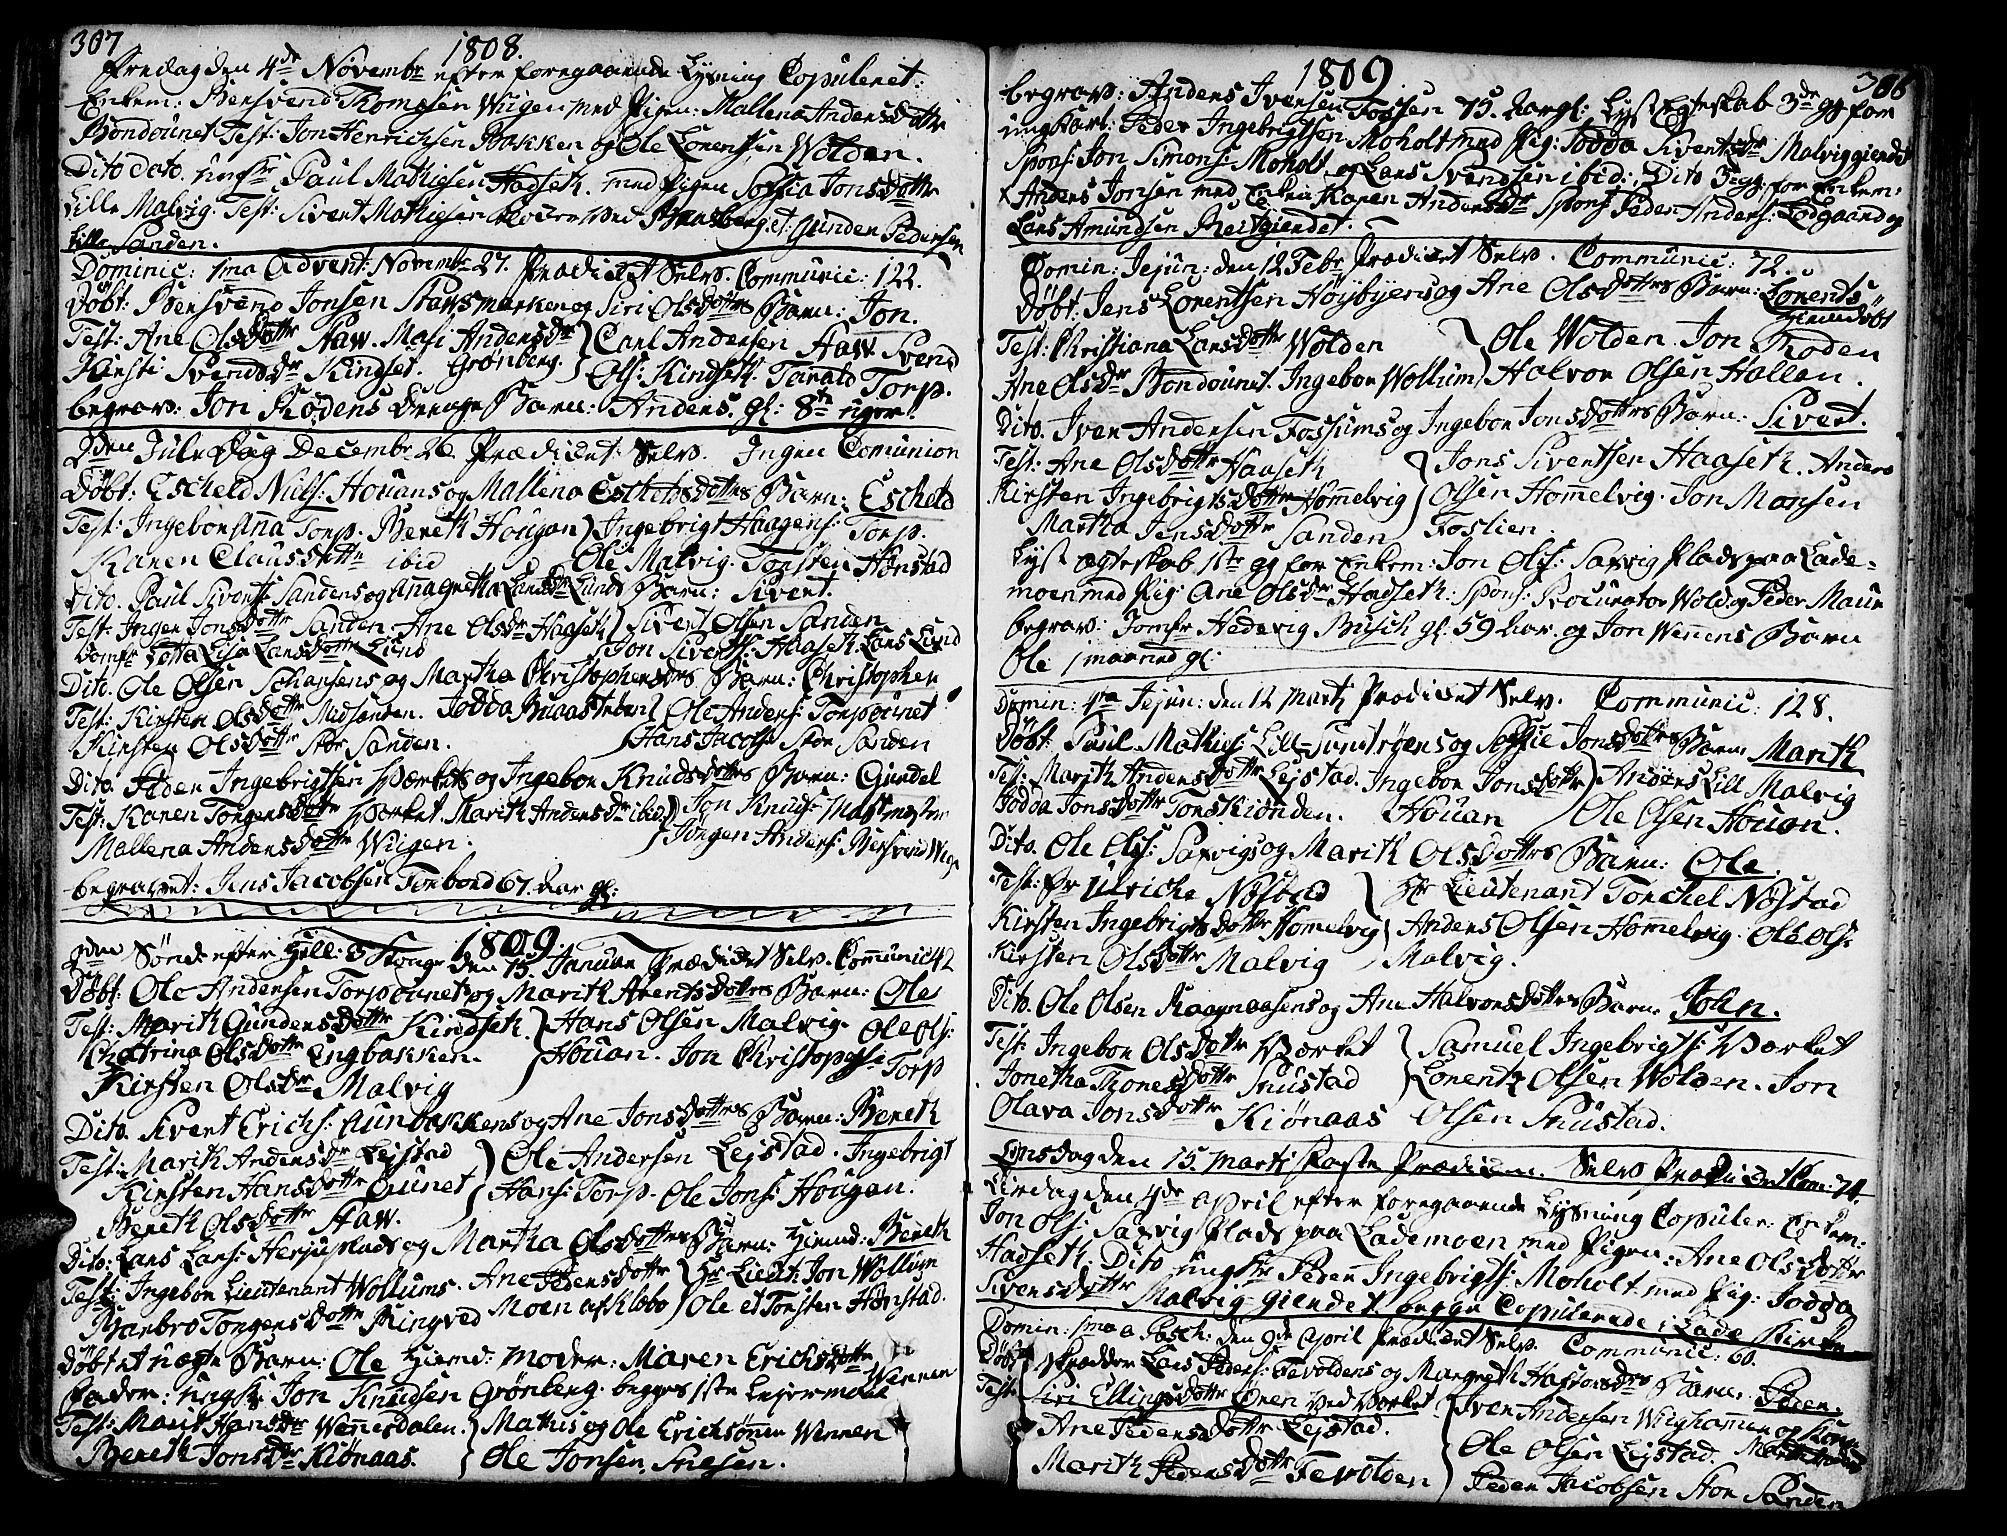 SAT, Ministerialprotokoller, klokkerbøker og fødselsregistre - Sør-Trøndelag, 606/L0281: Ministerialbok nr. 606A02 /2, 1781-1817, s. 307-308